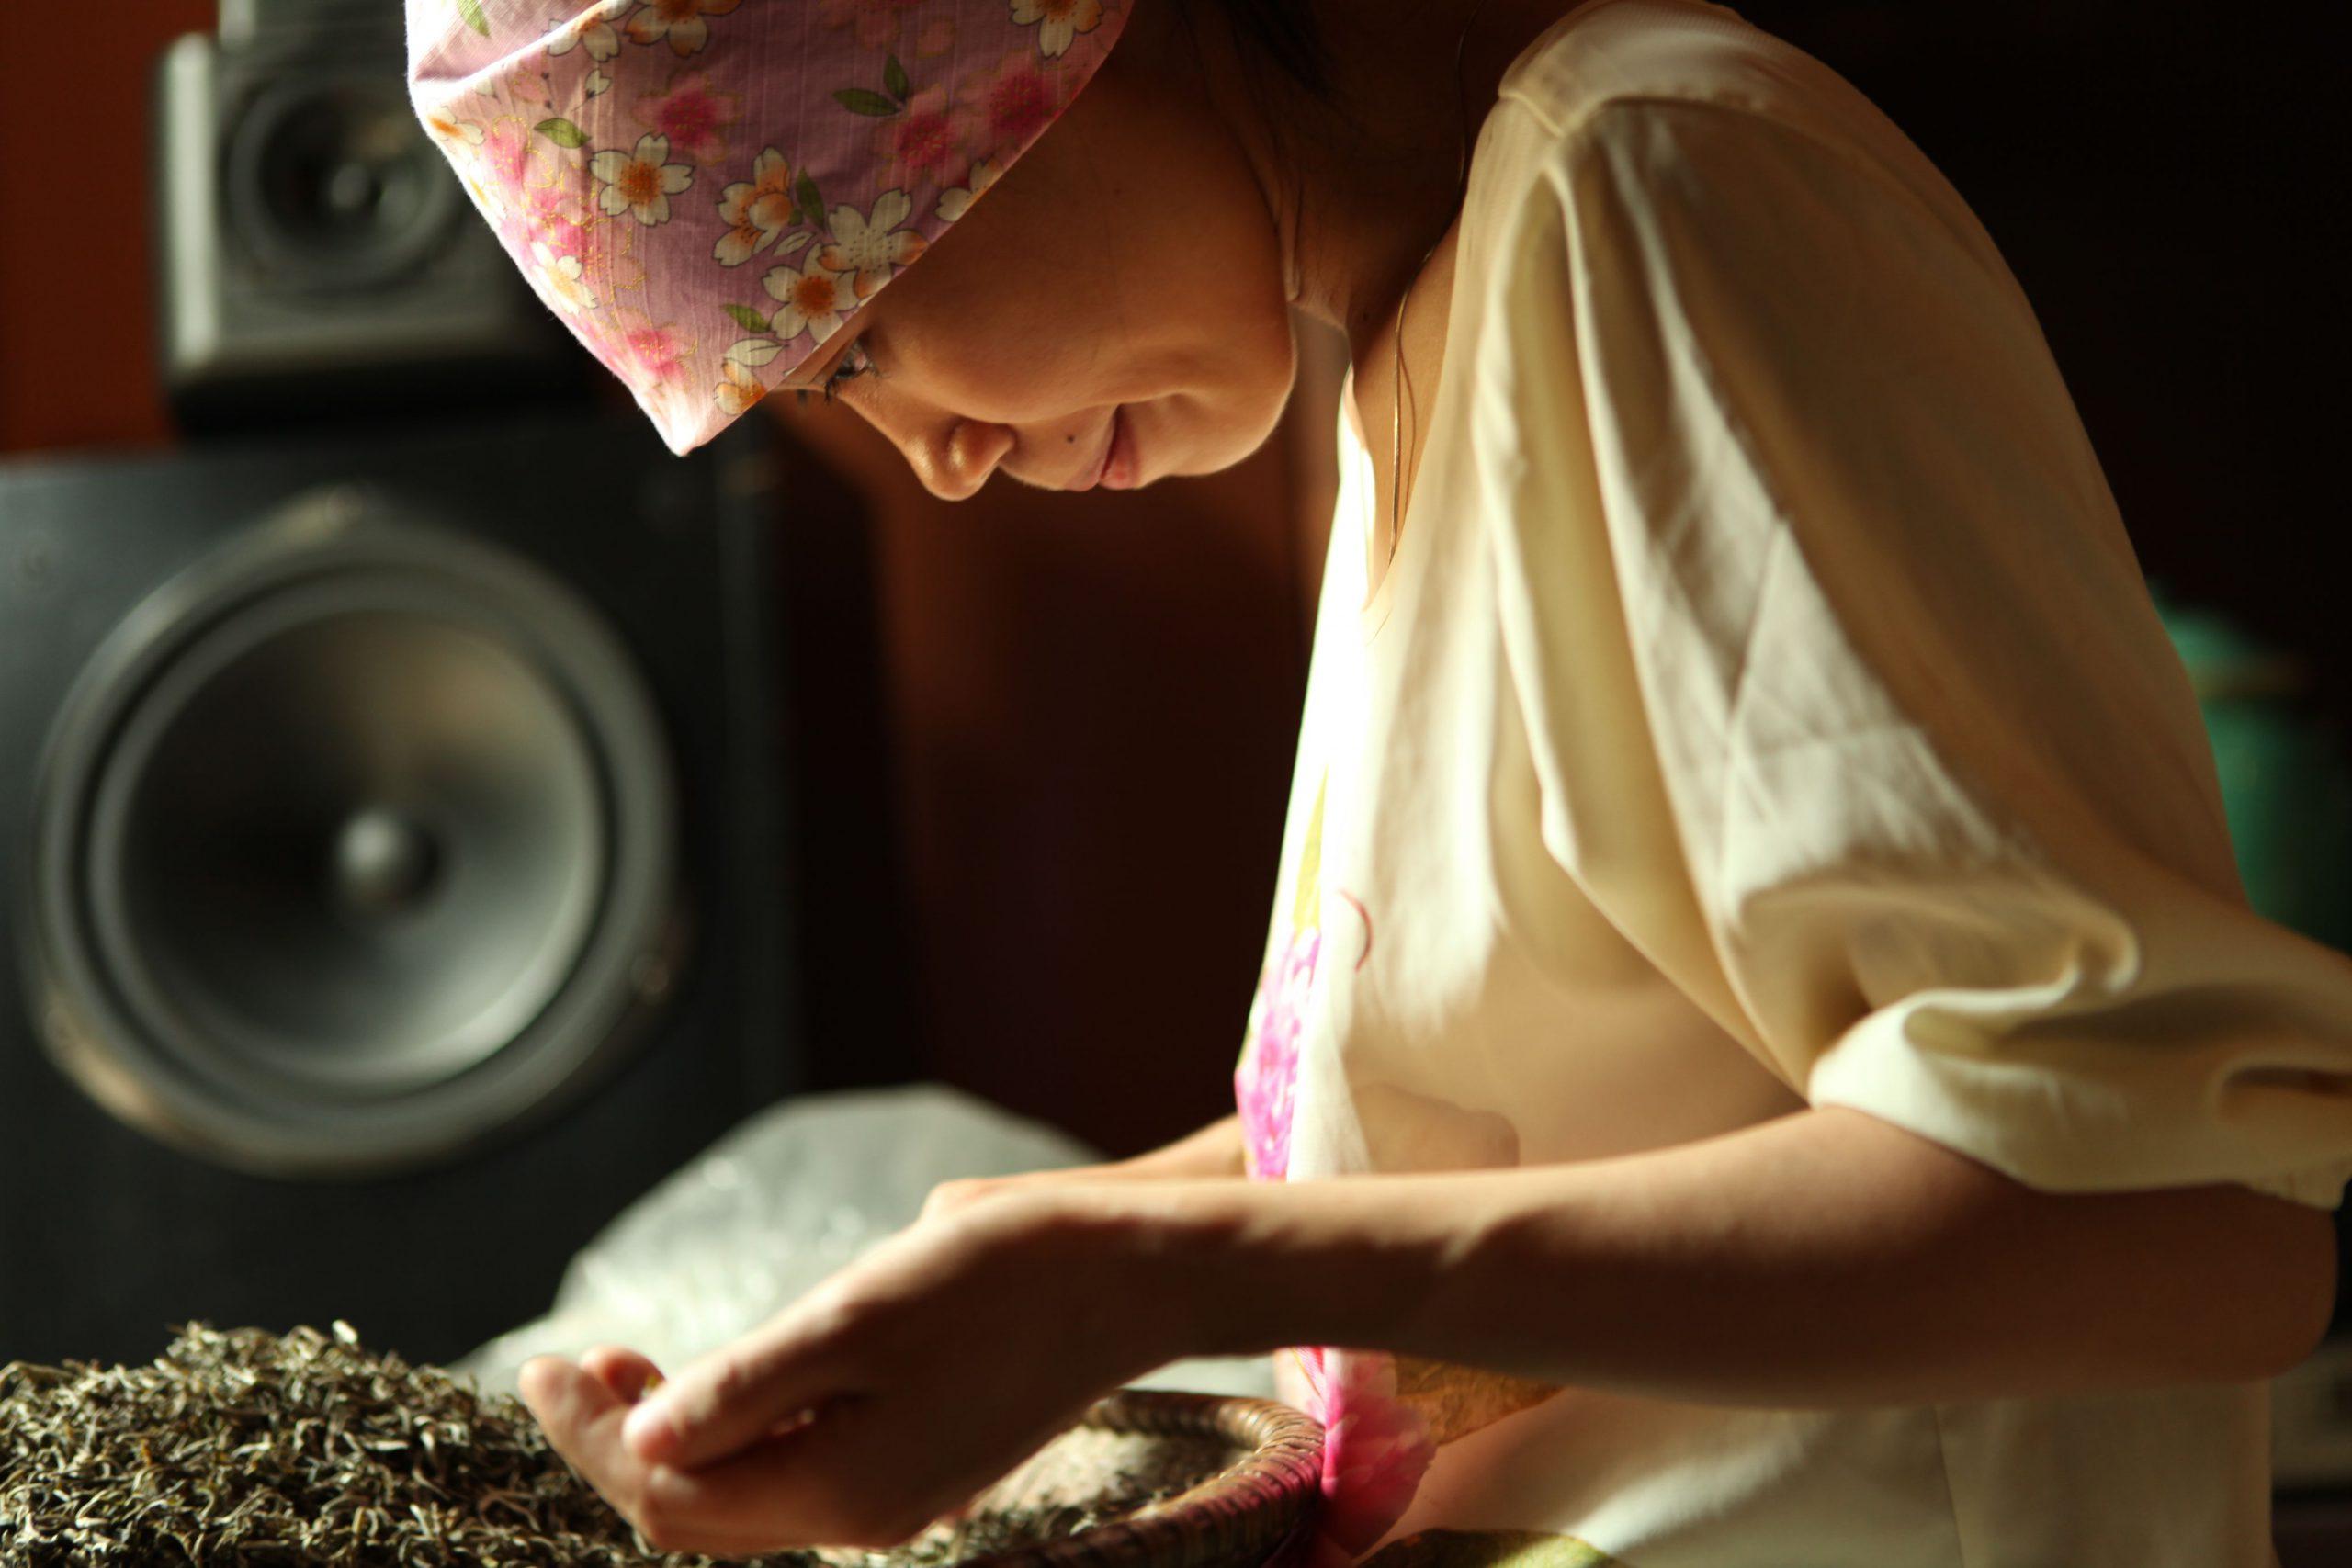 Công đoạn lên hương trà được xem là quan trọng nhất để quyết định hương thơm và vị của trà shan tuyết Hà Giang